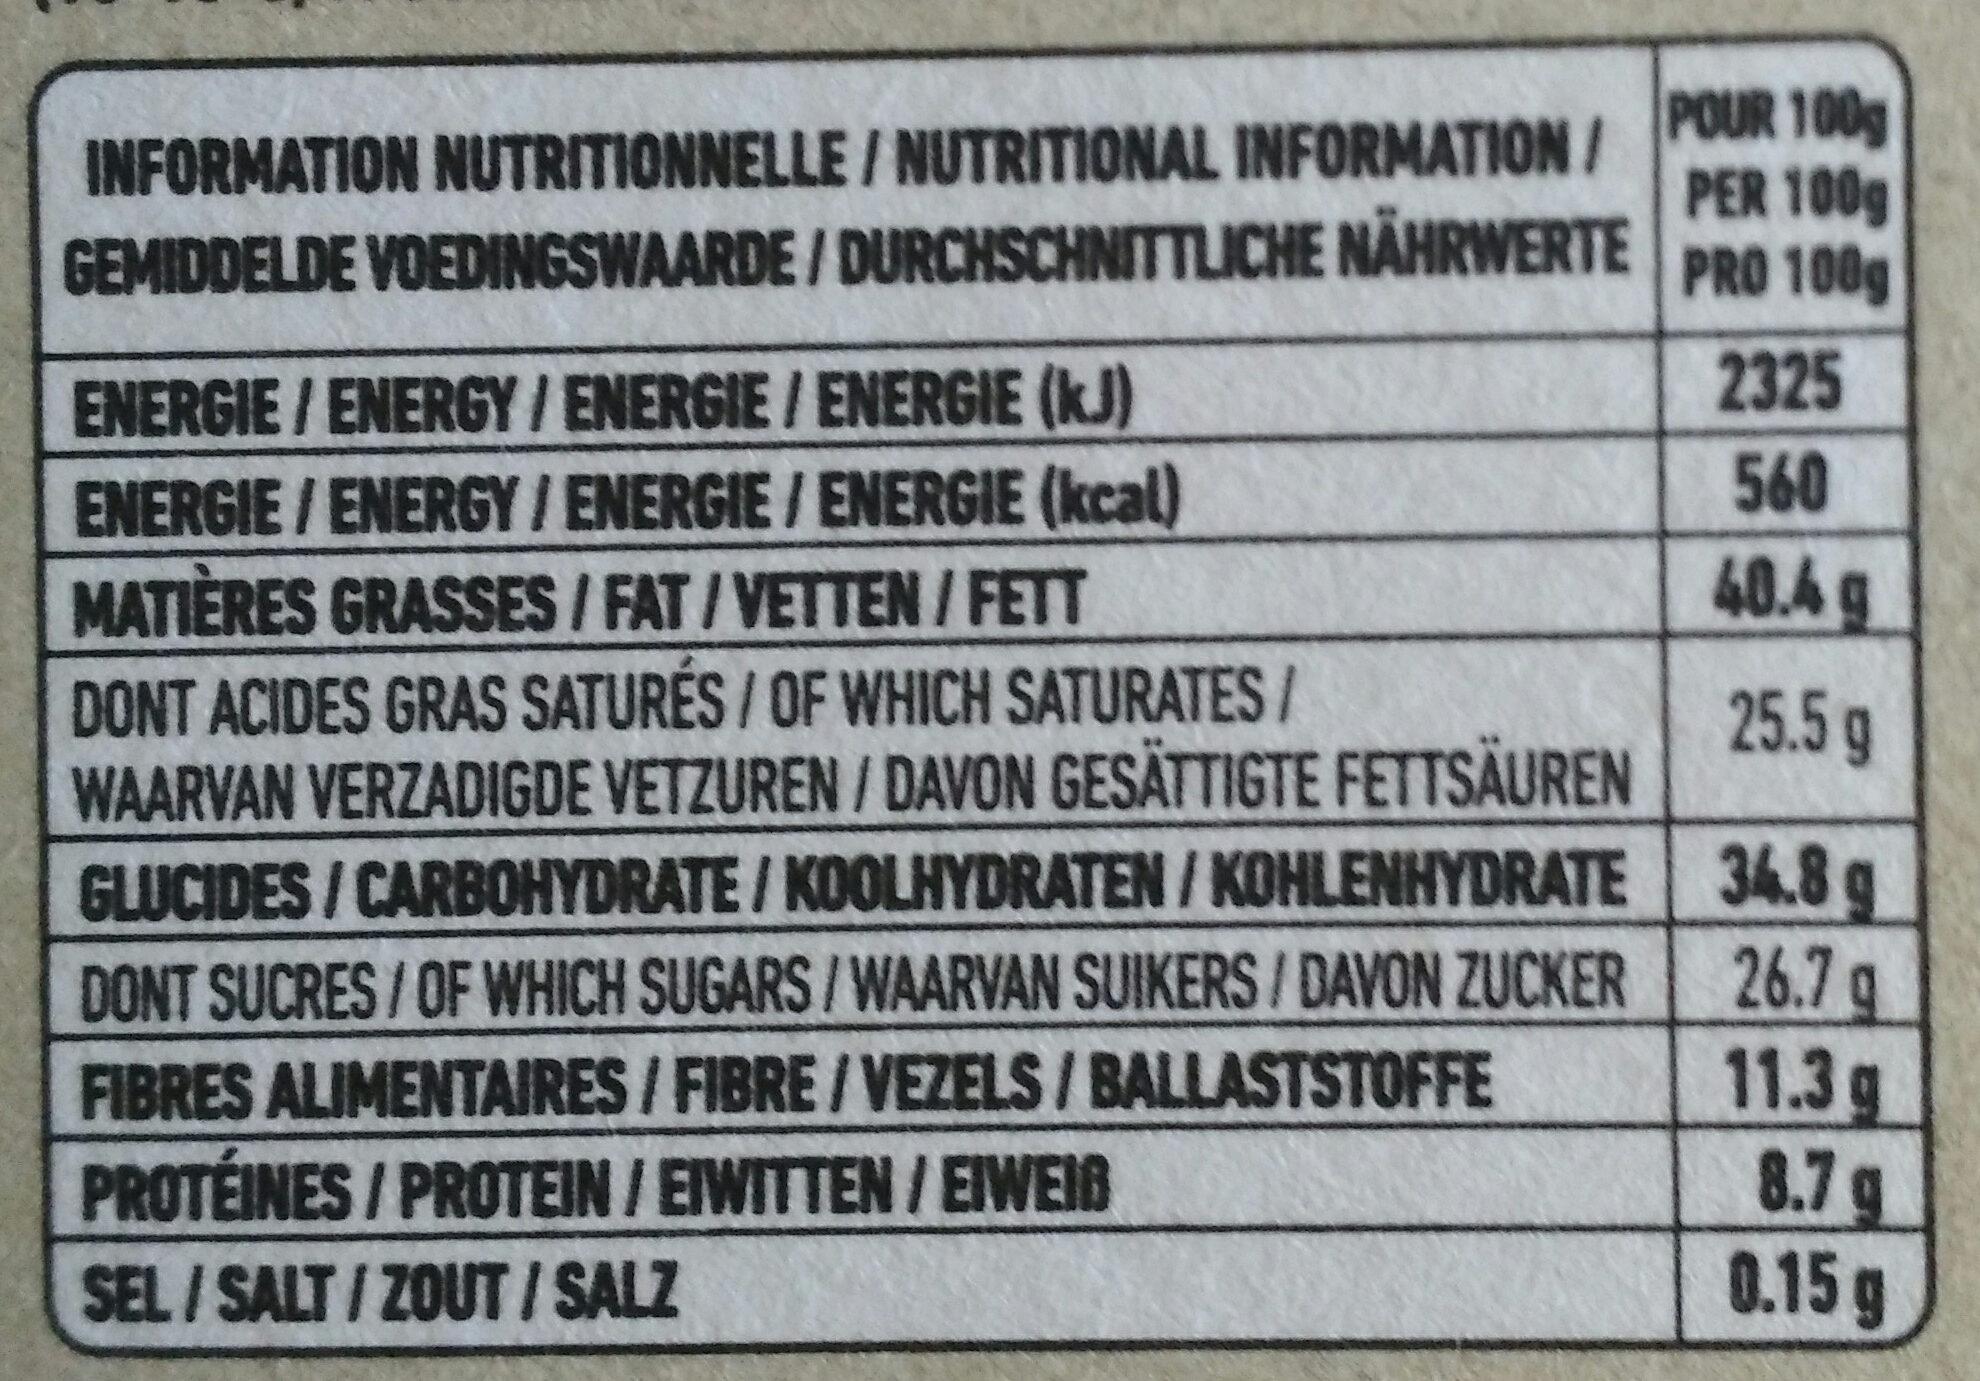 Epicerie / Epicerie Sucrée / Chocolat Bio - Nutrition facts - fr